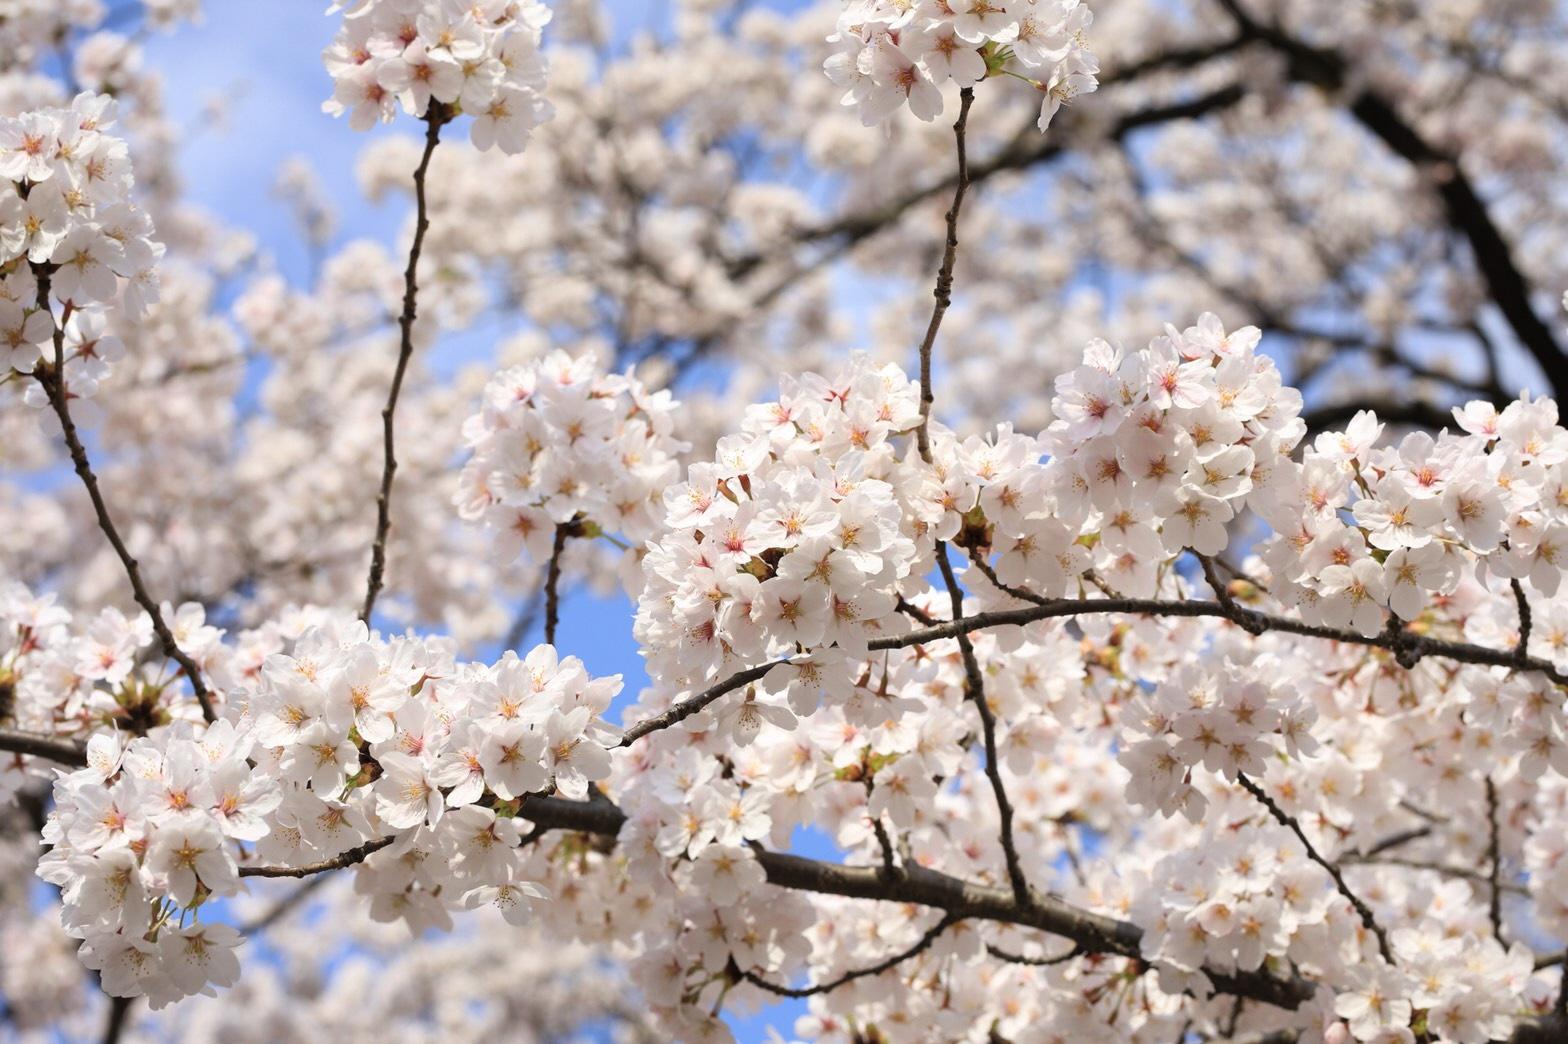 園内に咲くサクラの多くは「ソメイヨシノ」